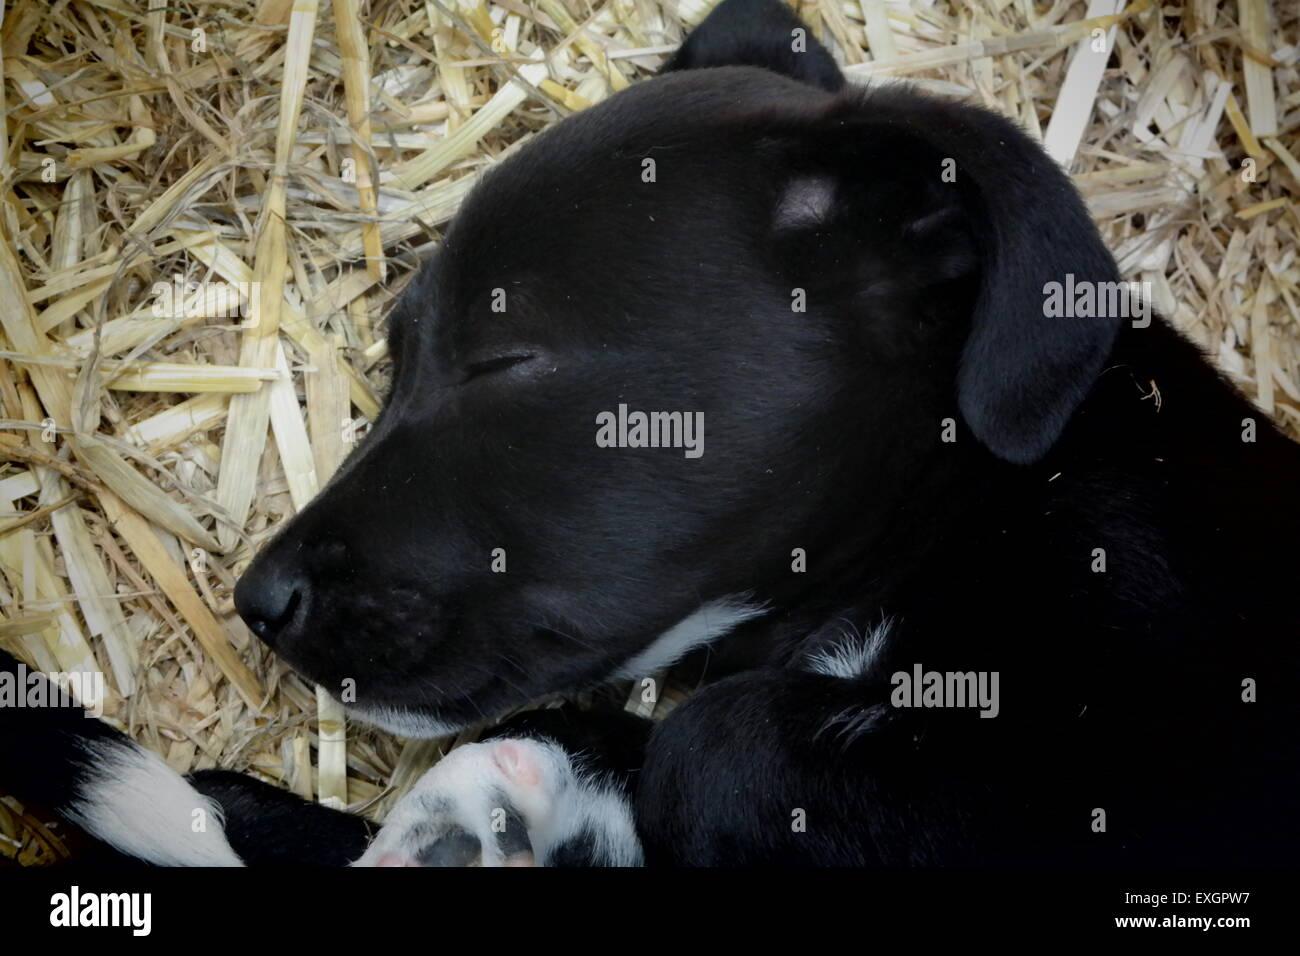 Cucciolo tranquillamente dormendo Immagini Stock